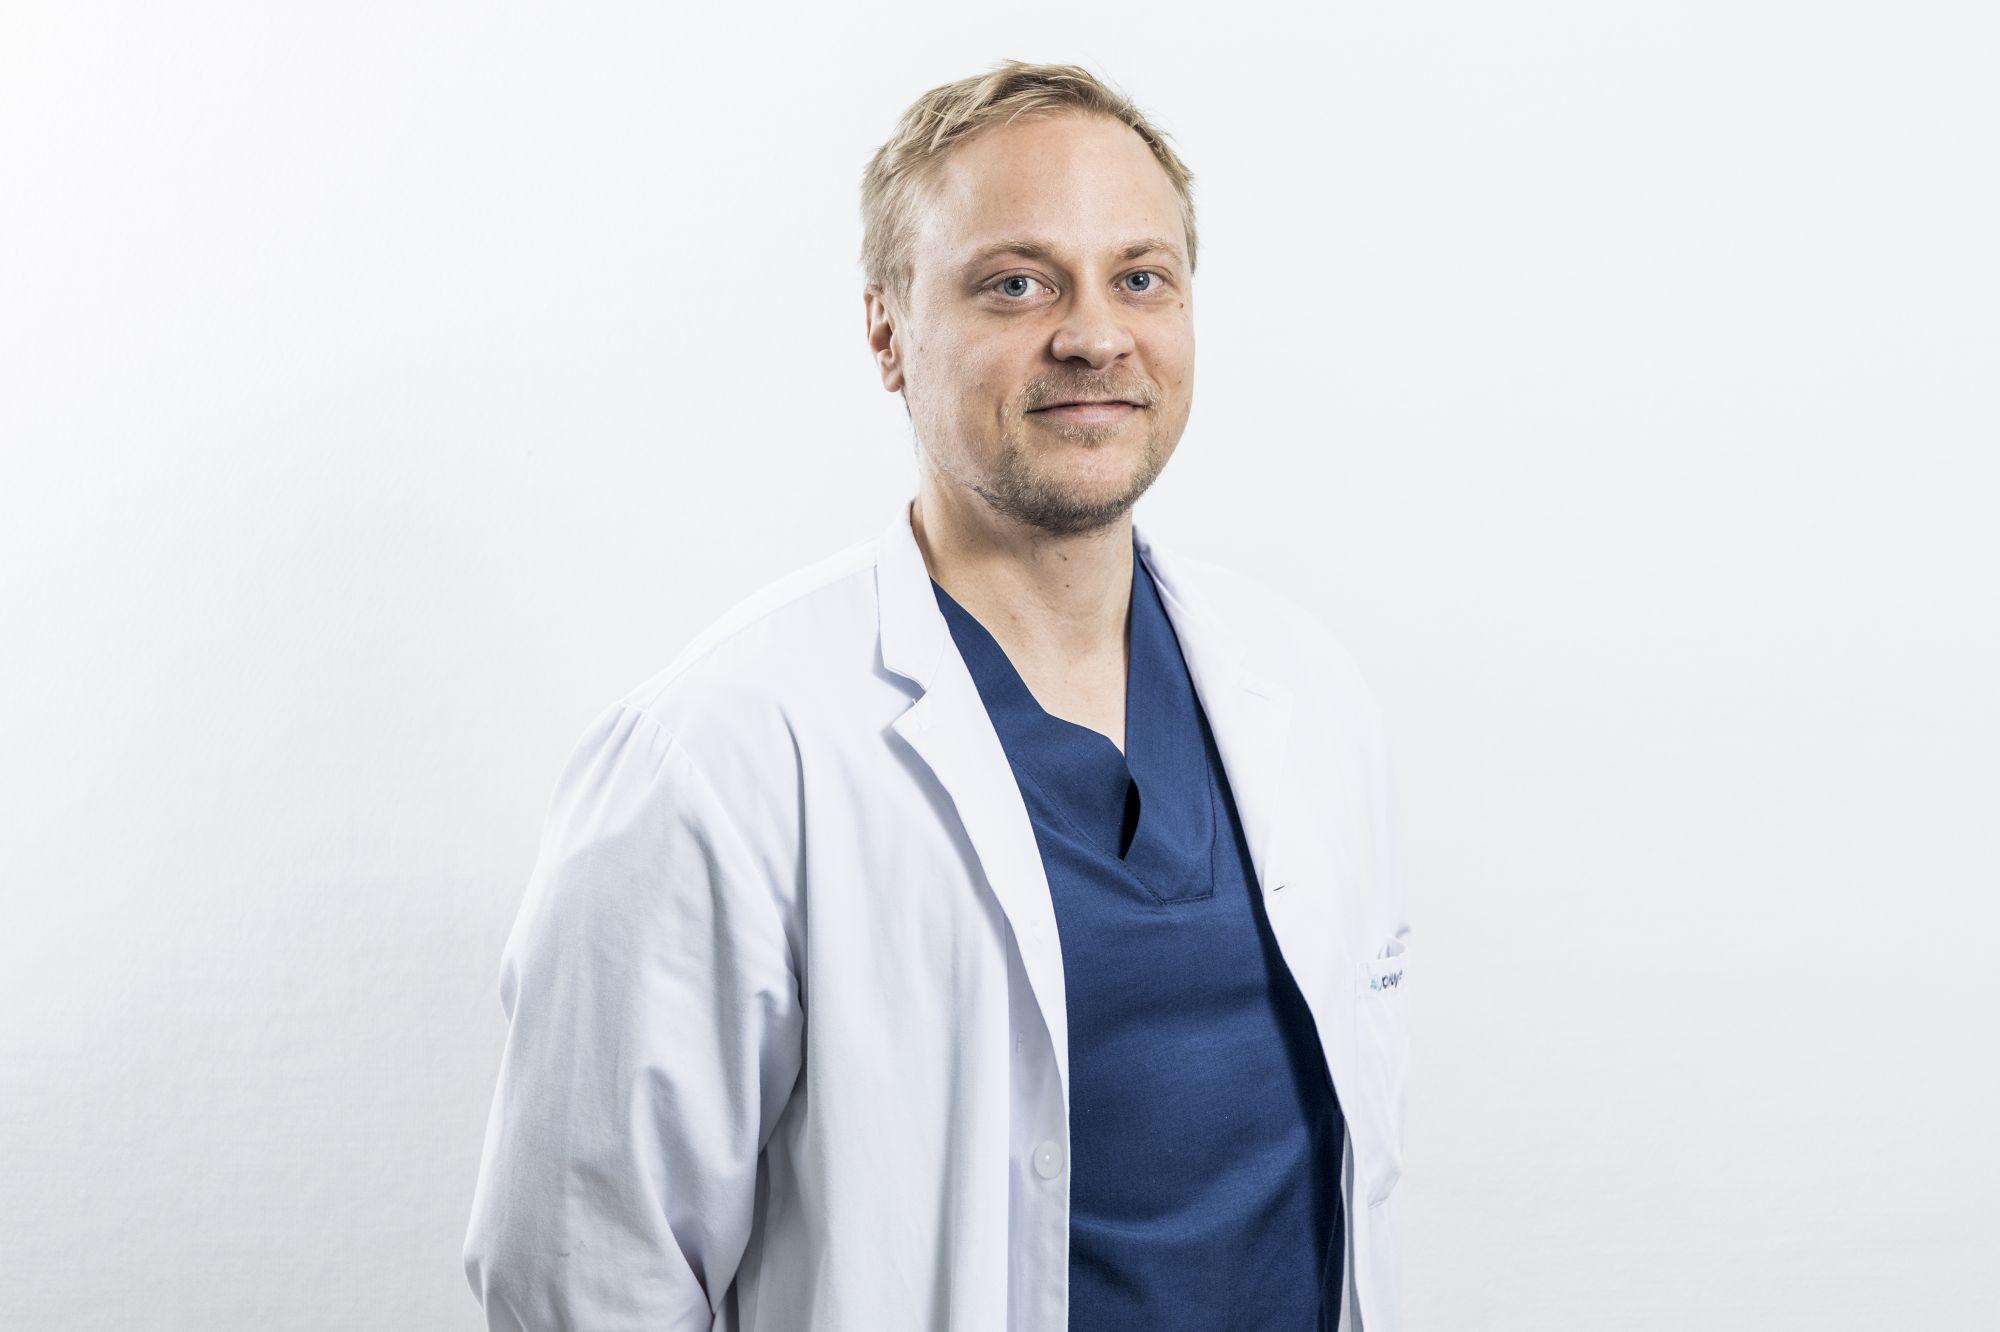 Pekka Lammi